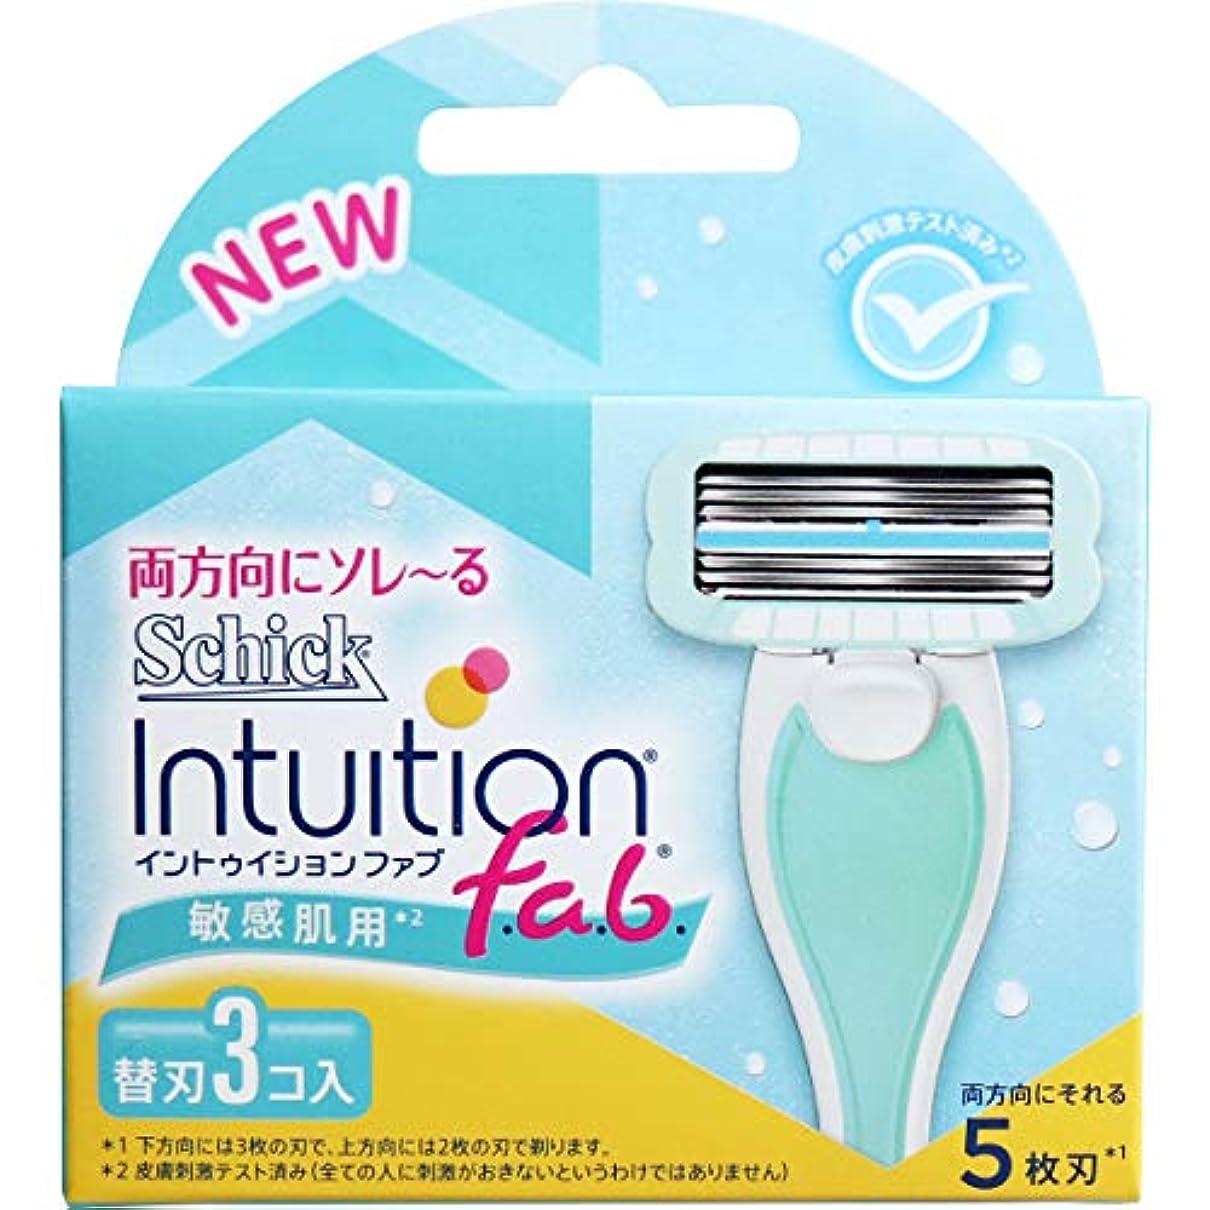 掃くシネマ大腿シック イントゥイション ファブ 敏感肌用 替刃3個入×5個セット(管理番号 4903601688072)